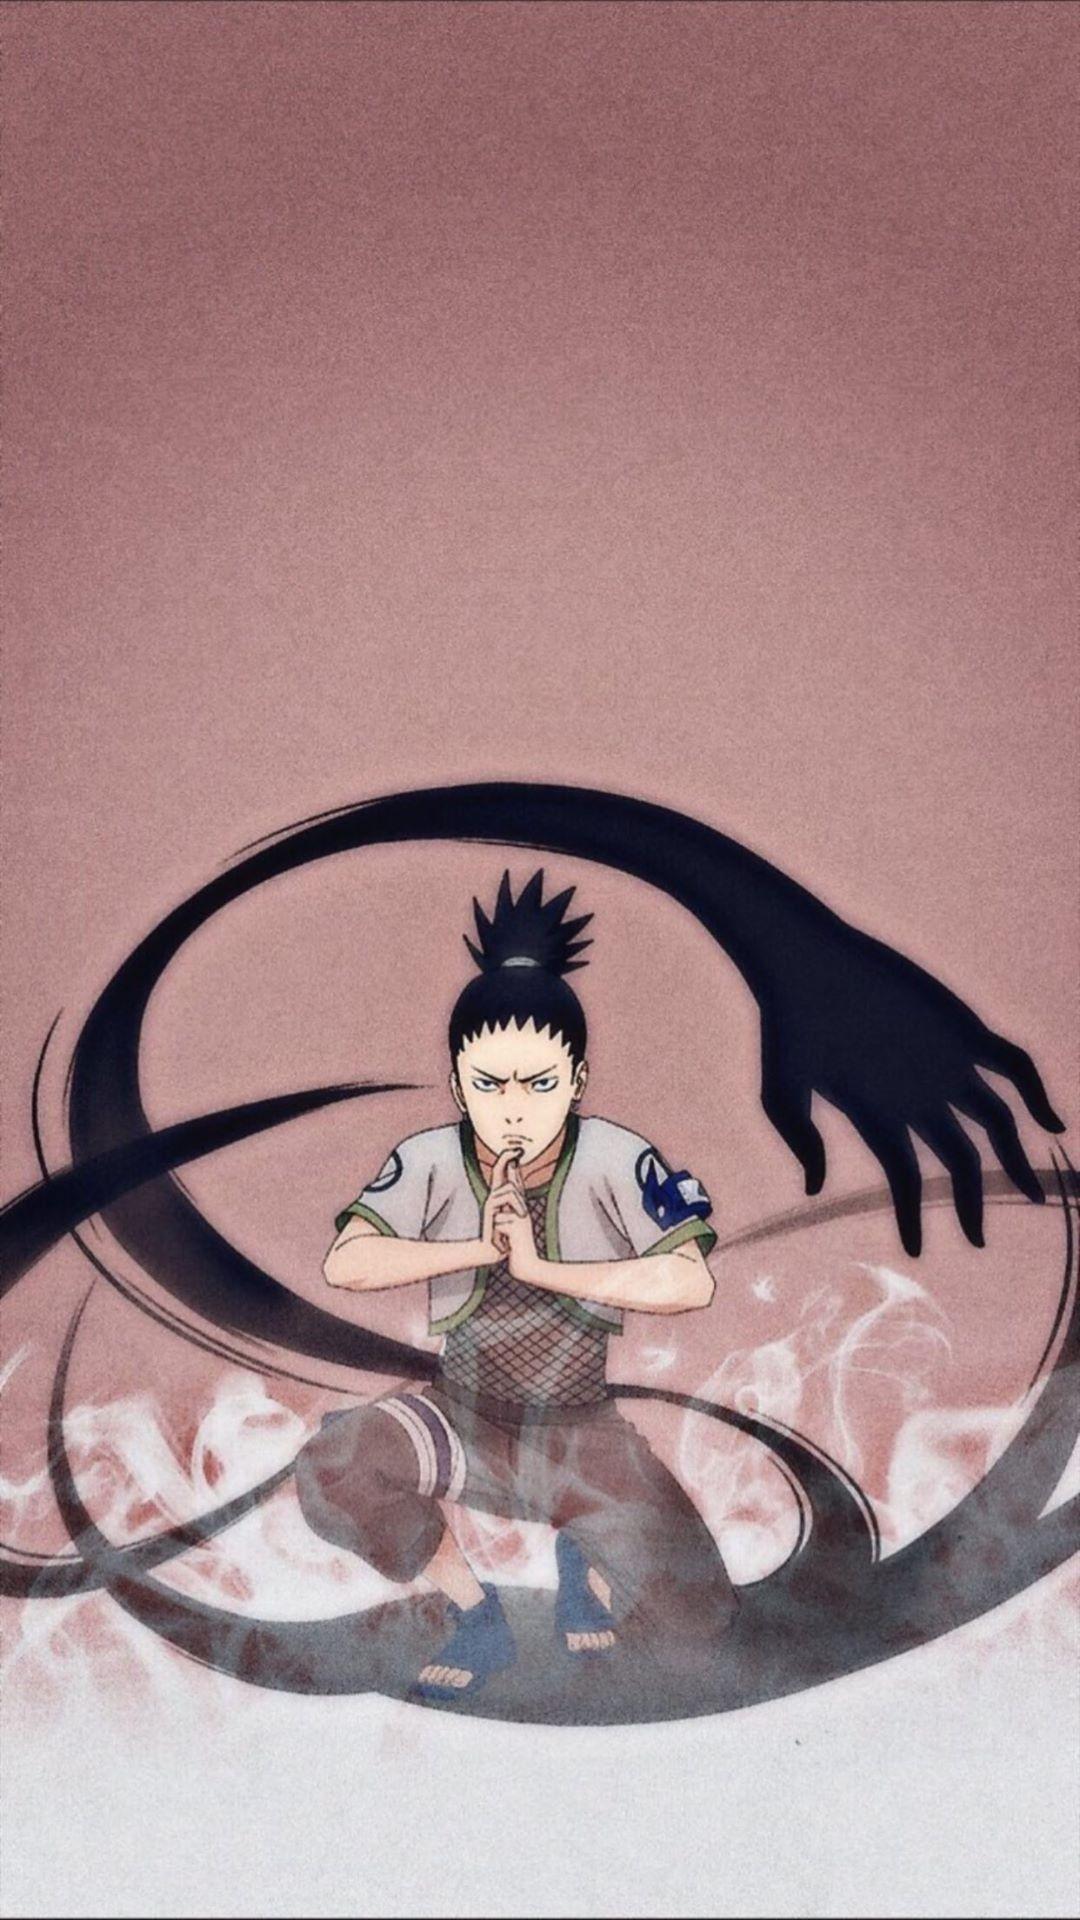 Imagem de Anime por Riki em naruto